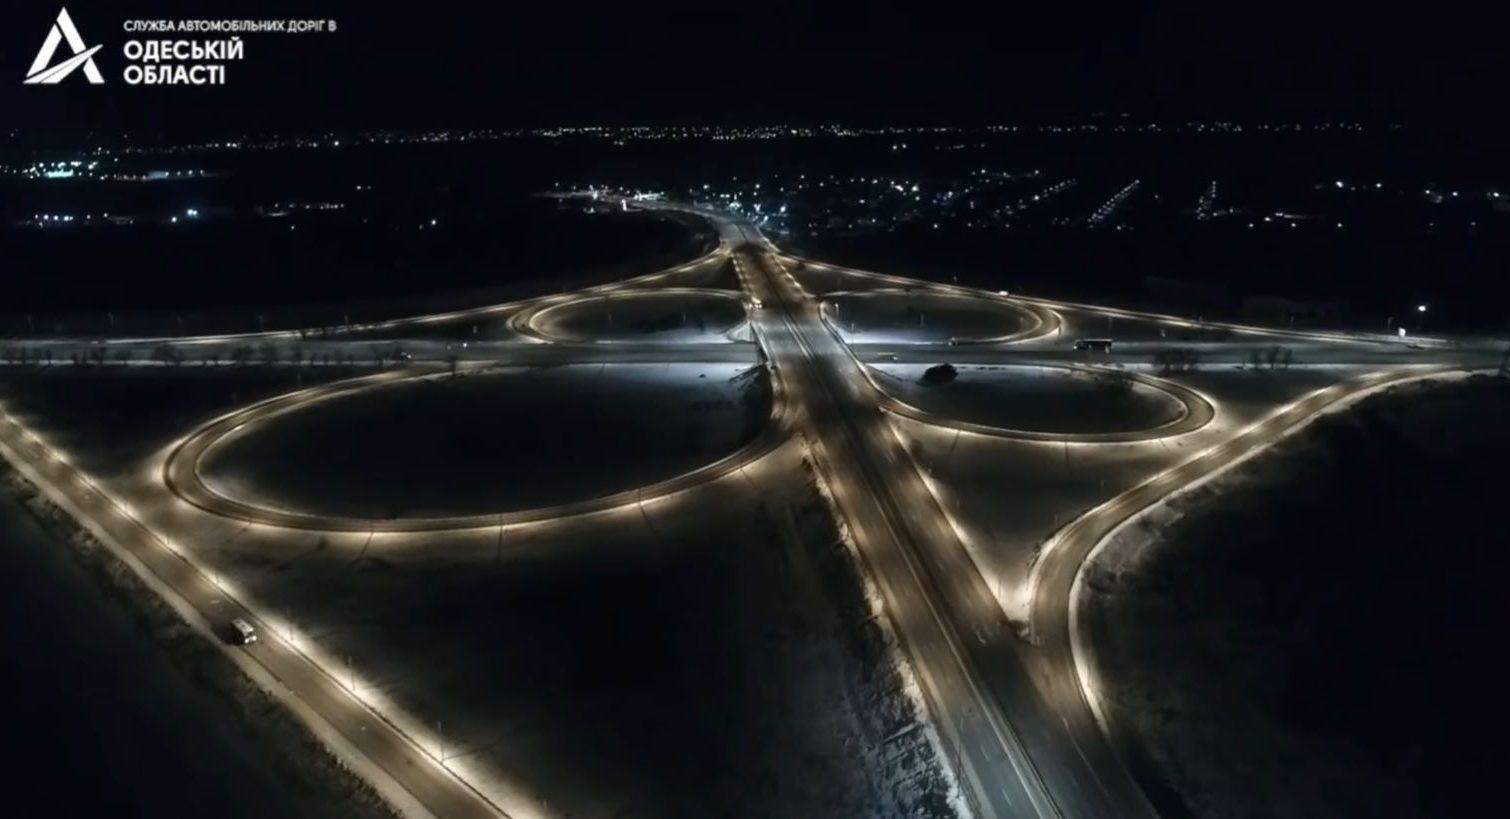 Впервые за 10 лет: Клеверный мост получил освещение (видео) «фото»